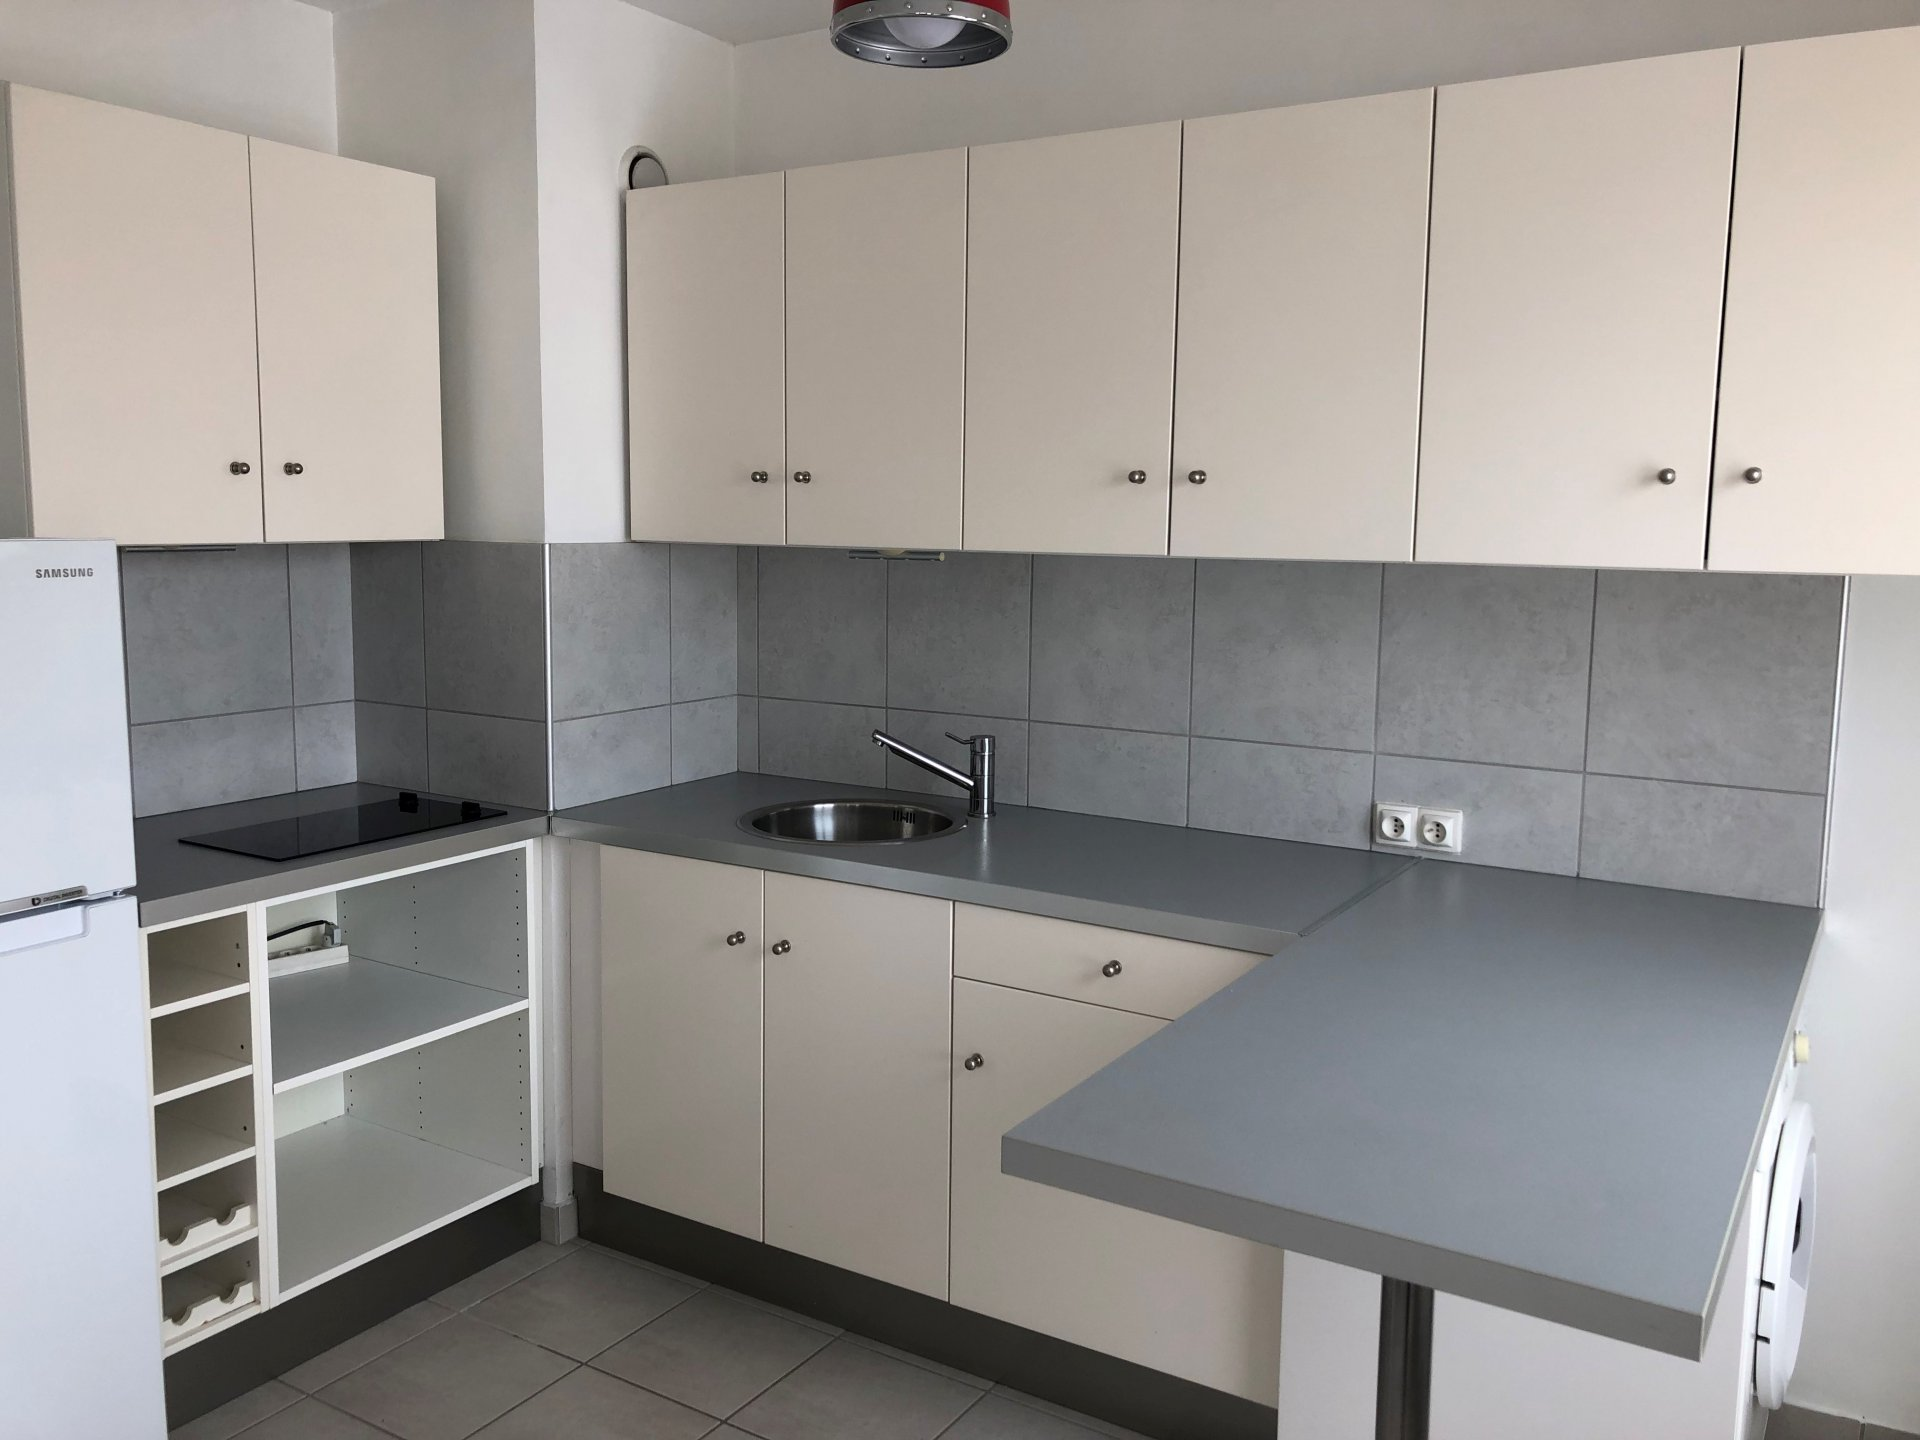 SAINT-ETIENNE  BELLEVUE - T1 avec cuisine équipée - immeuble sécurisé